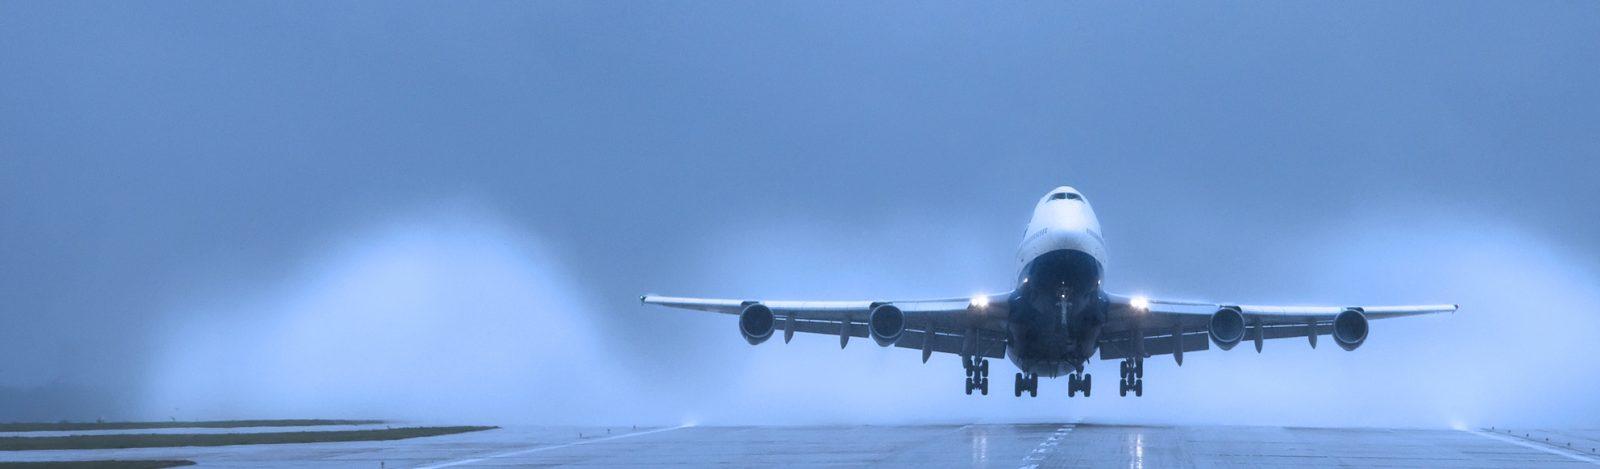 747take0ff